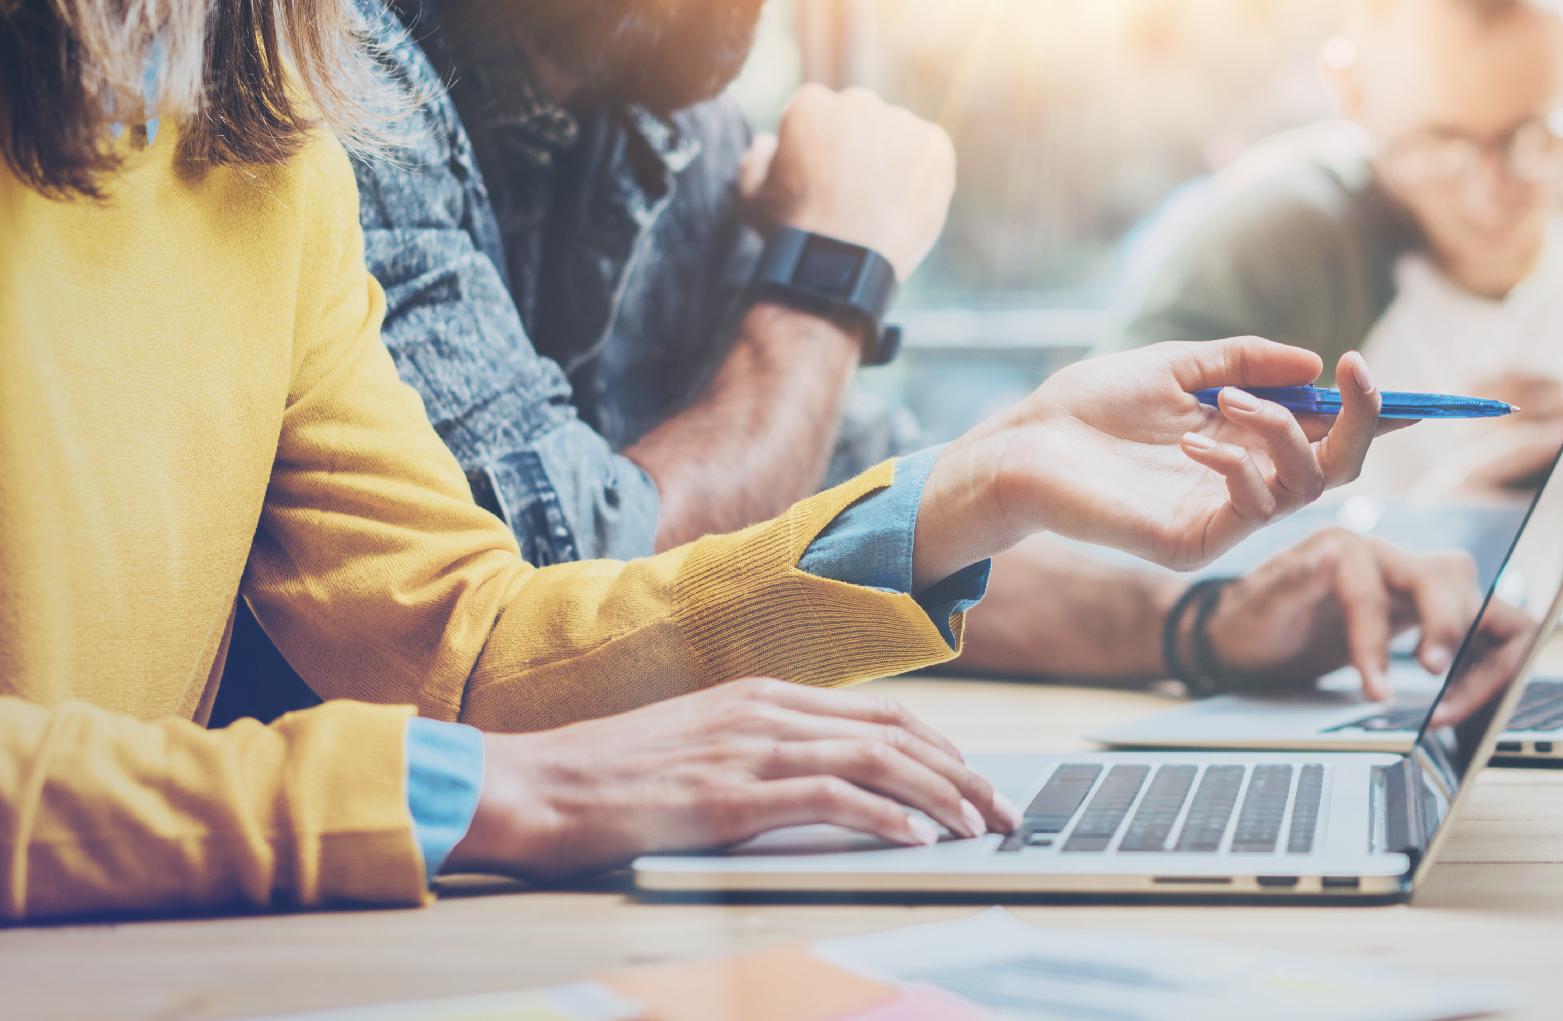 Qué elementos debes contemplar en el análisis FODA de tu empresa